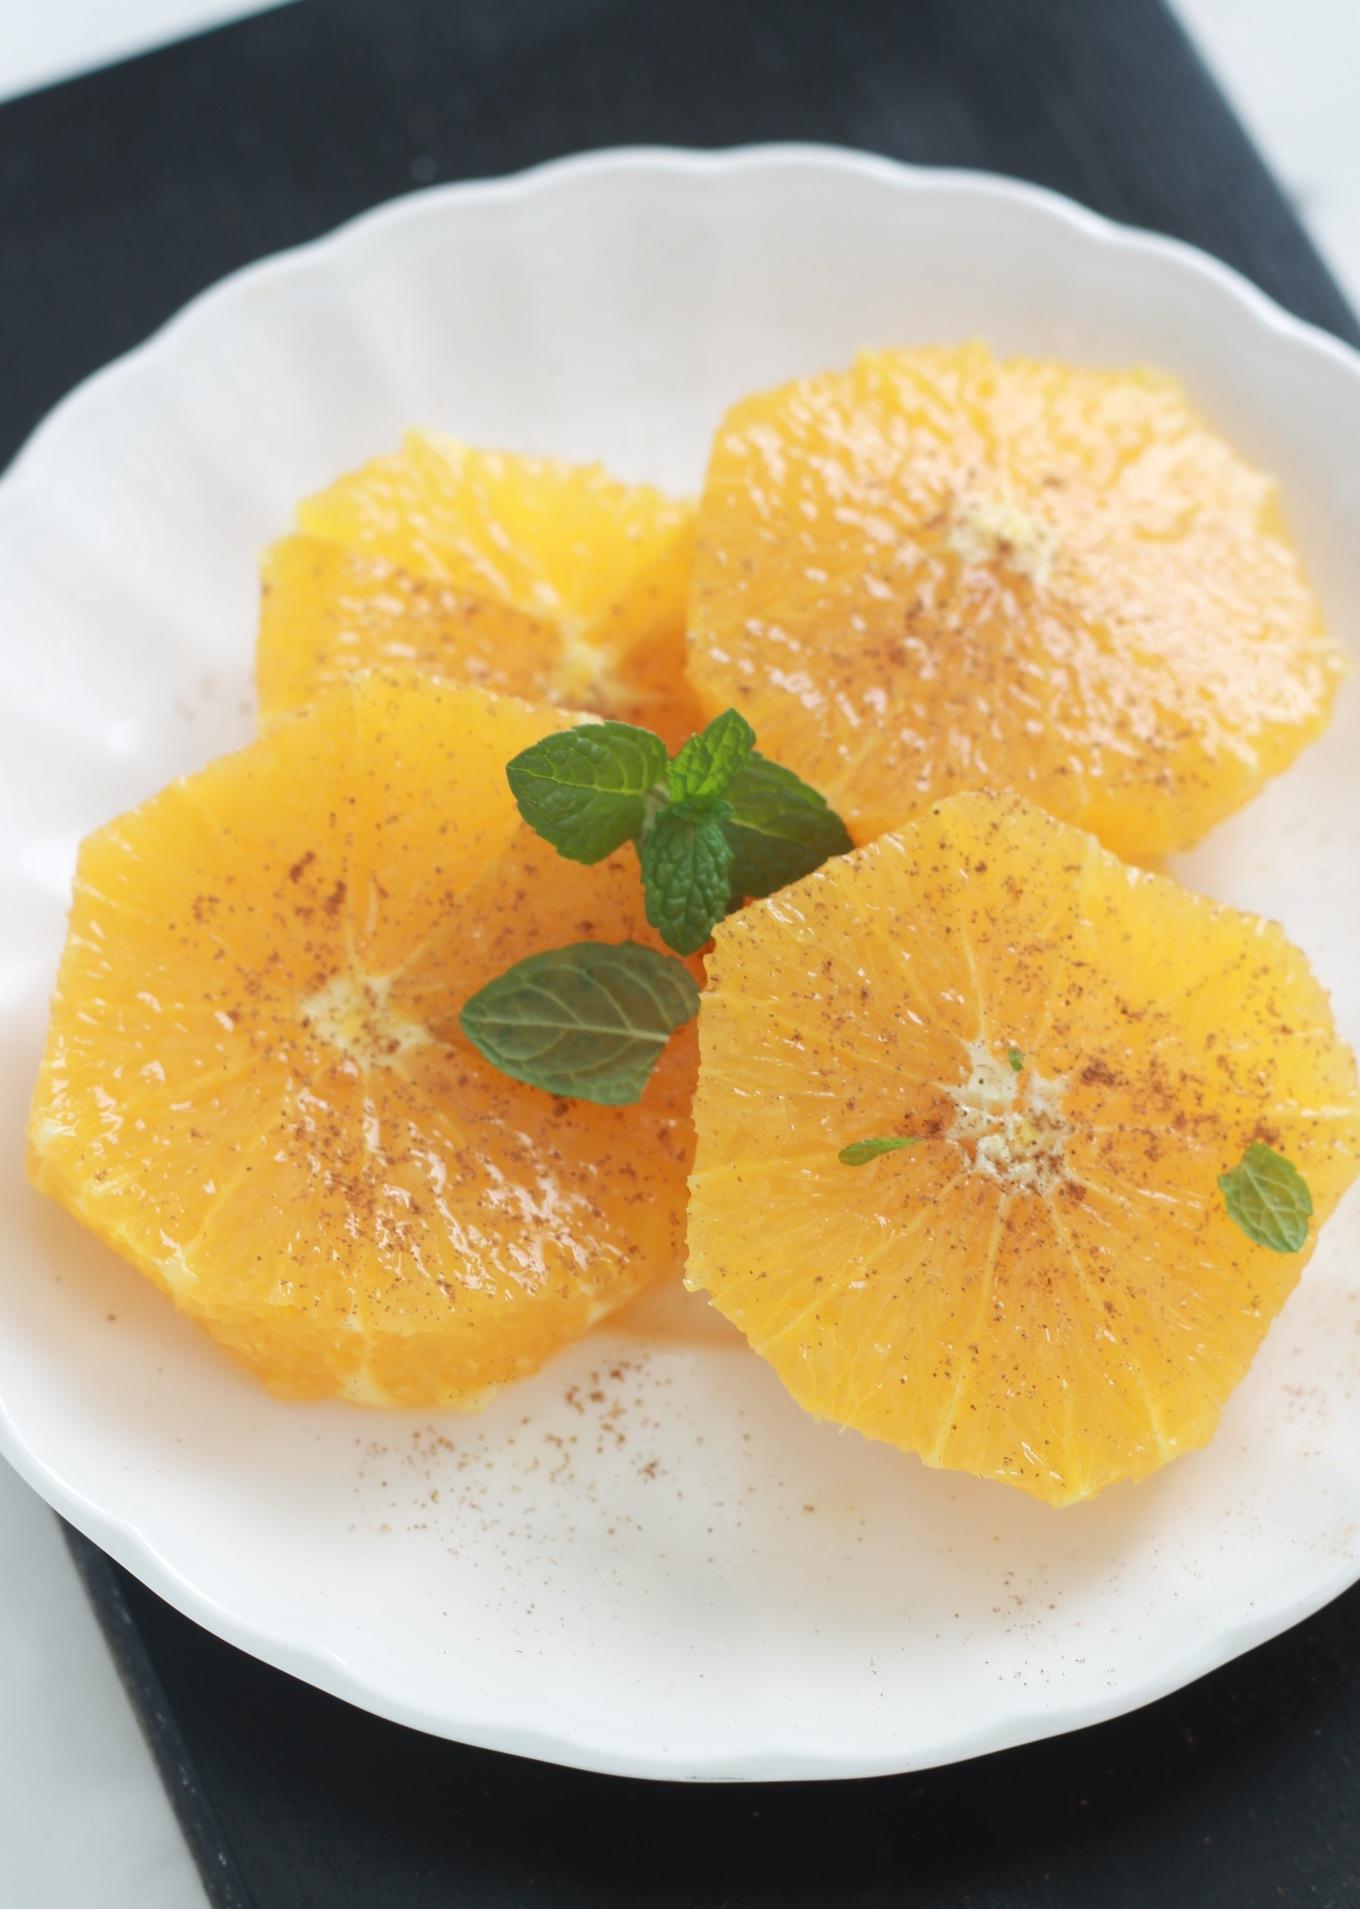 Salade d'oranges agréablement parfumée à l'eau de fleur d'oranger et à la cannelle. Elle est rafraîchissante, simple et facile à faire. Vous pouvez aussi la décorer avec des fruits secs selon vos goûts.| CuisineCulinaire.com